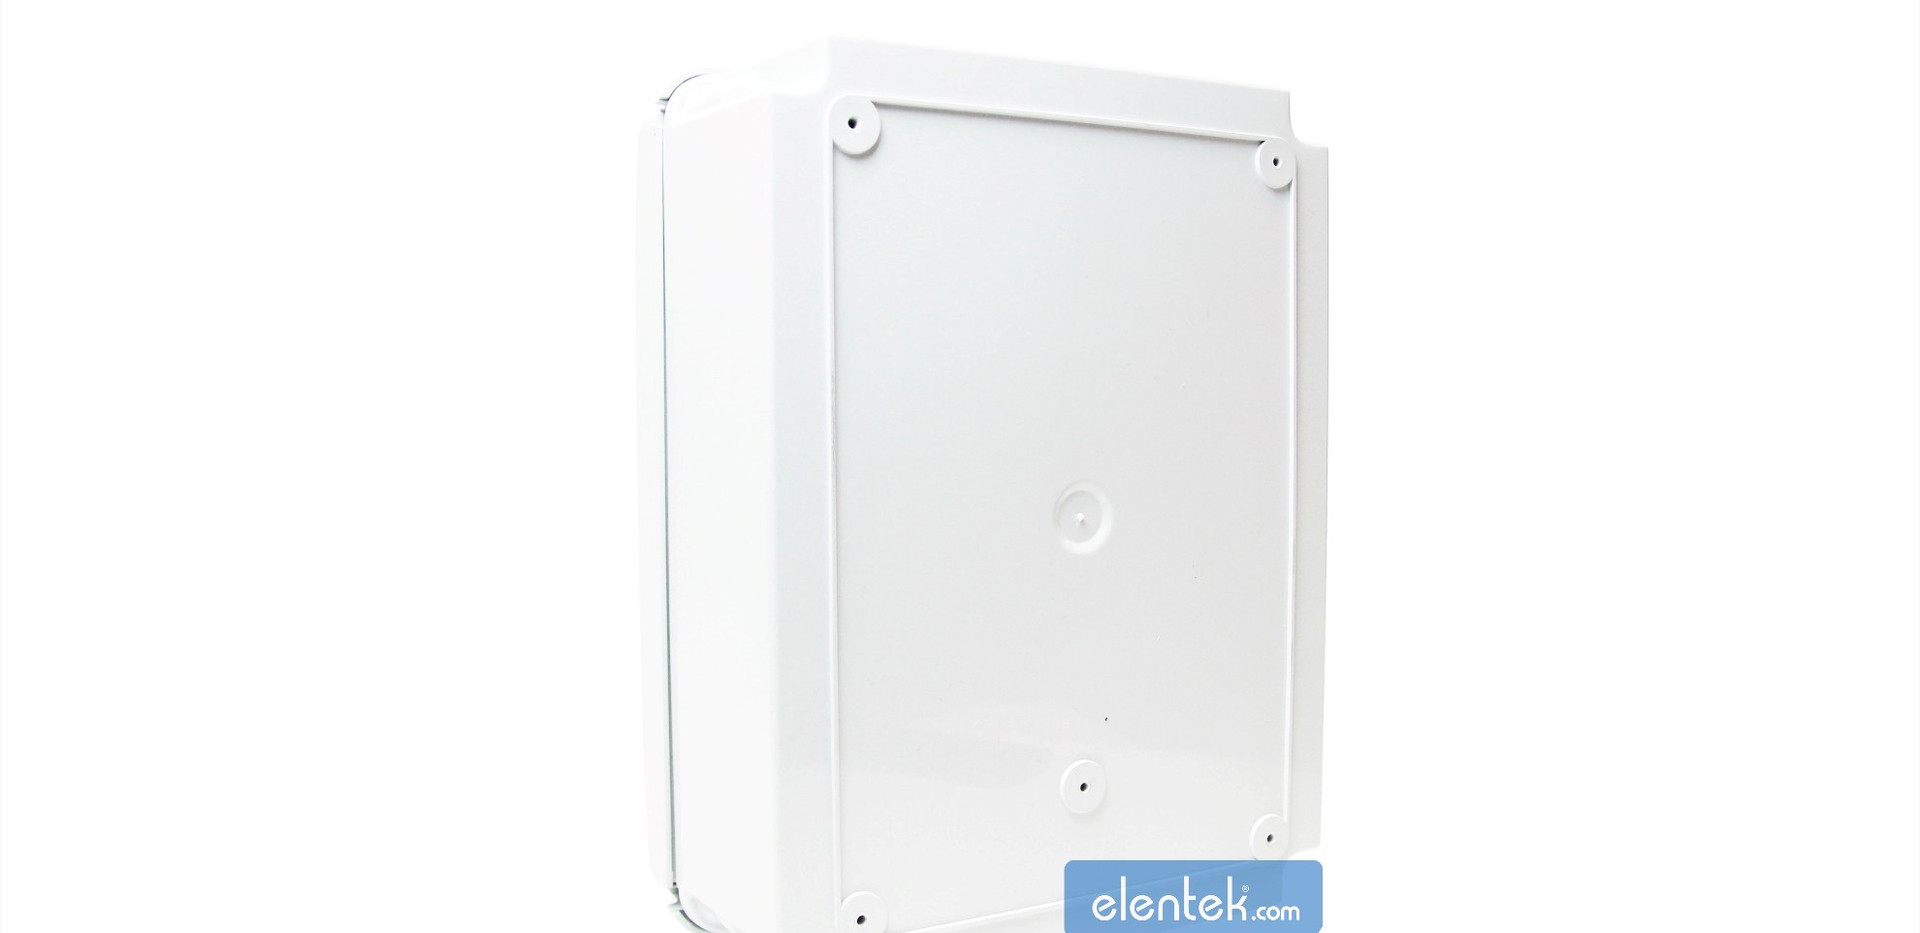 Quadro elettrico per 1 pompa monofase e trifase Smart Evo 1 con fissaggio a muro